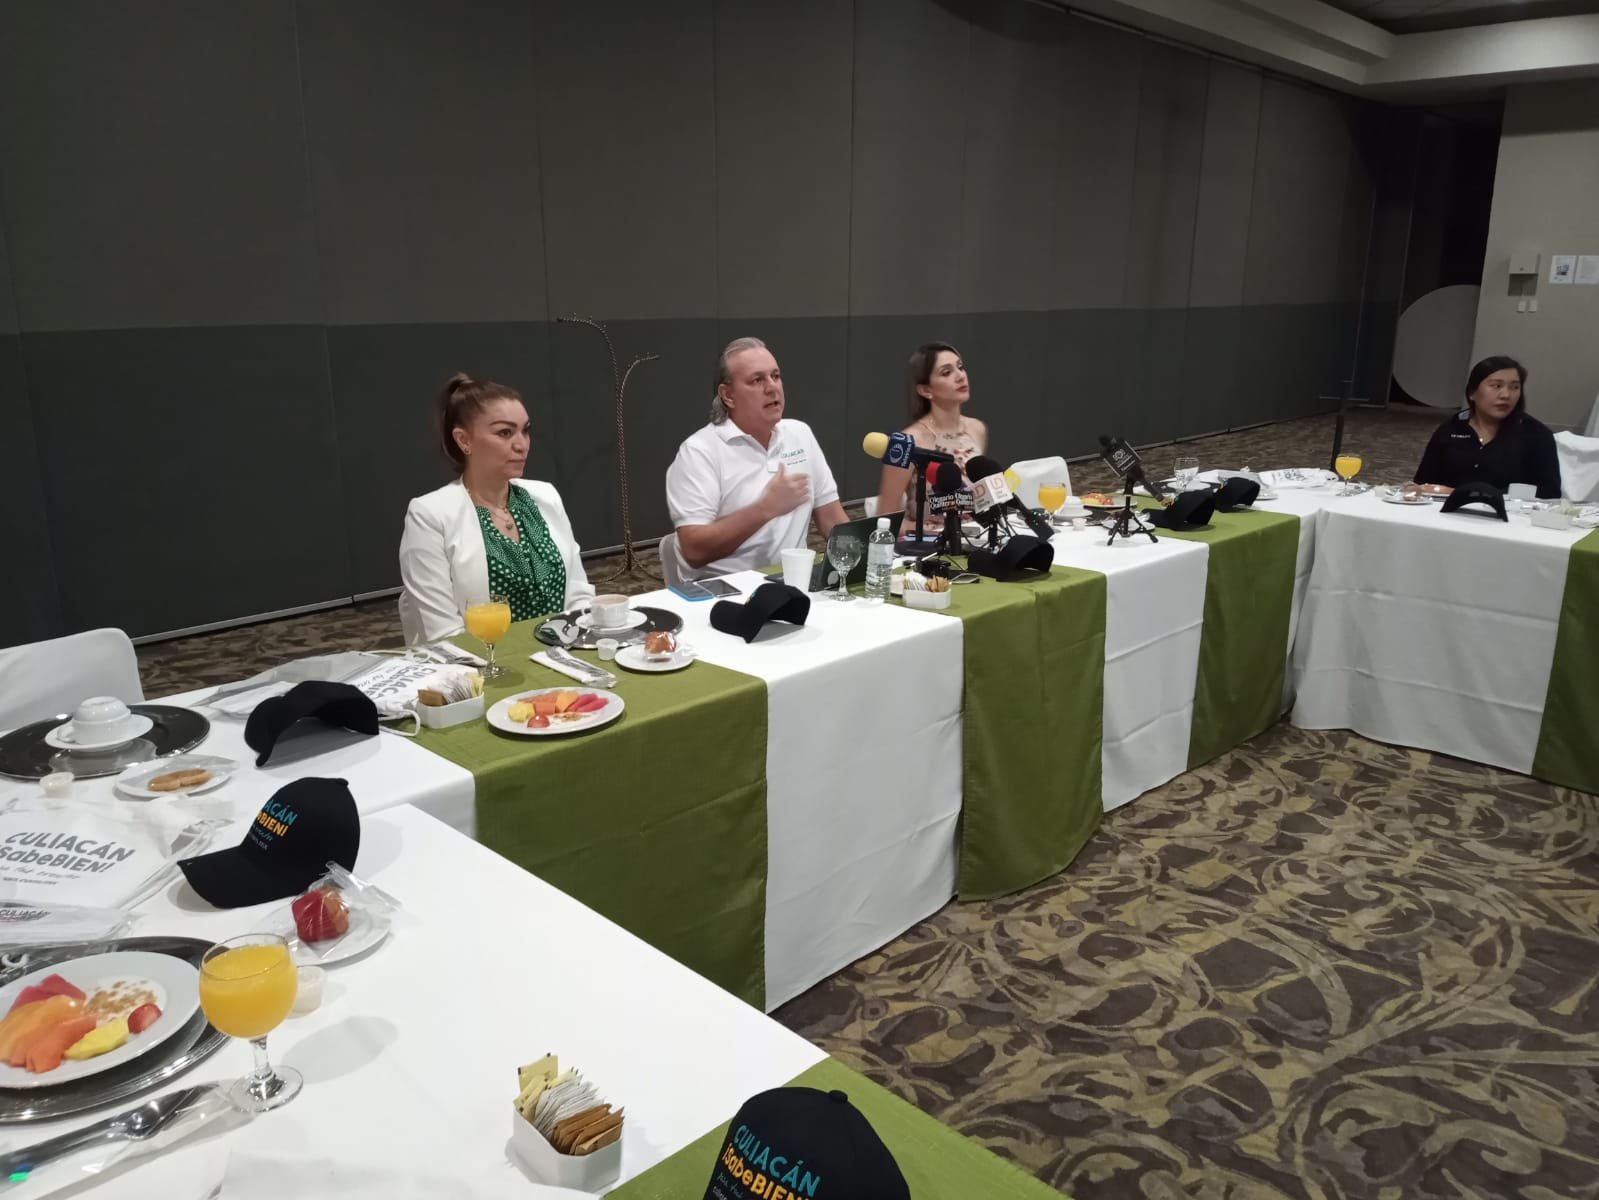 Conferencia de José Manuel de la Riva, presidente de la Asociación de Hoteles y Moteles Culiacán